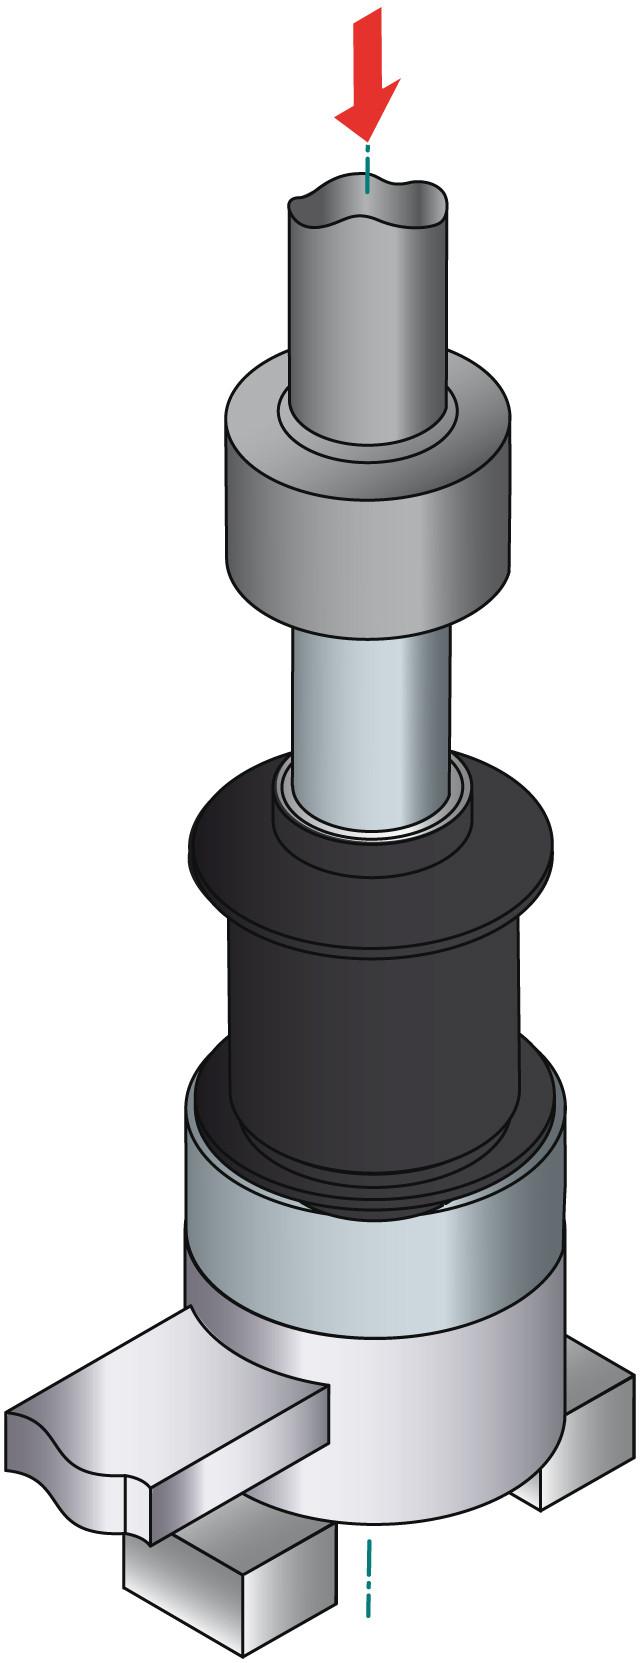 obraz montaż tulei metalowo gumowej 3